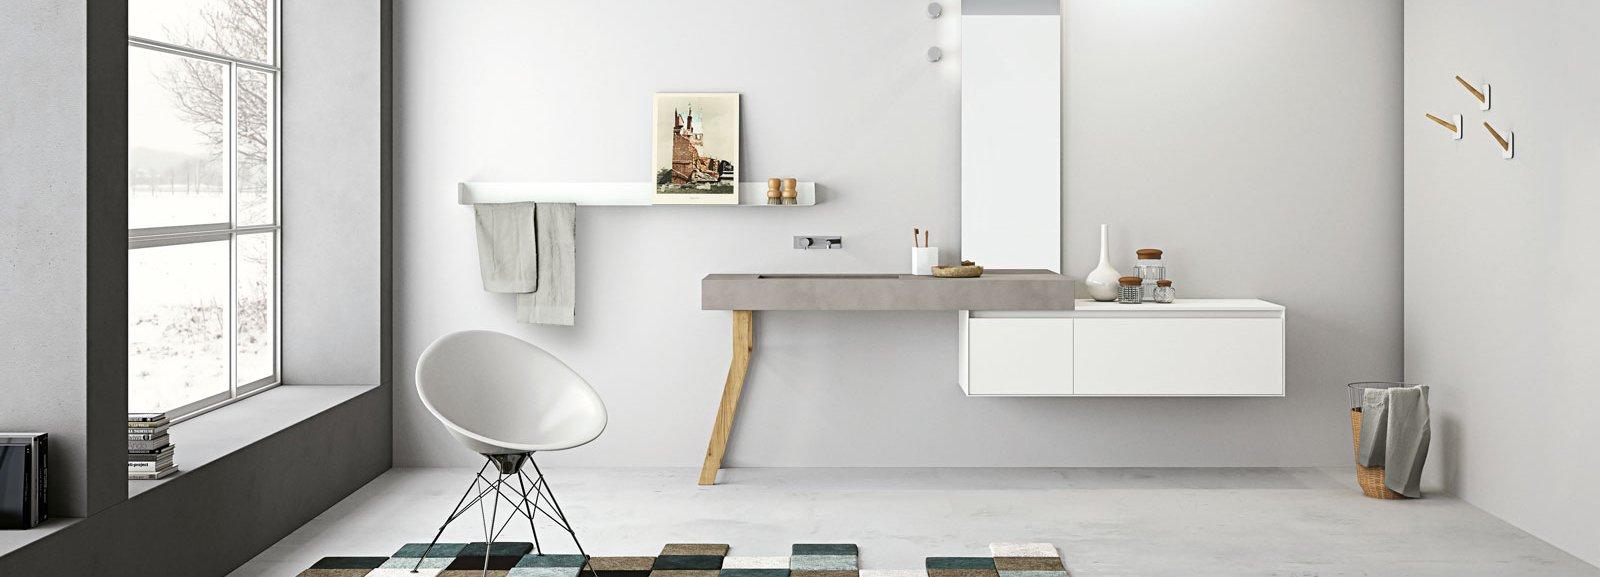 Tendenze bagno malte e nuove malte effetto argilla for Imago design